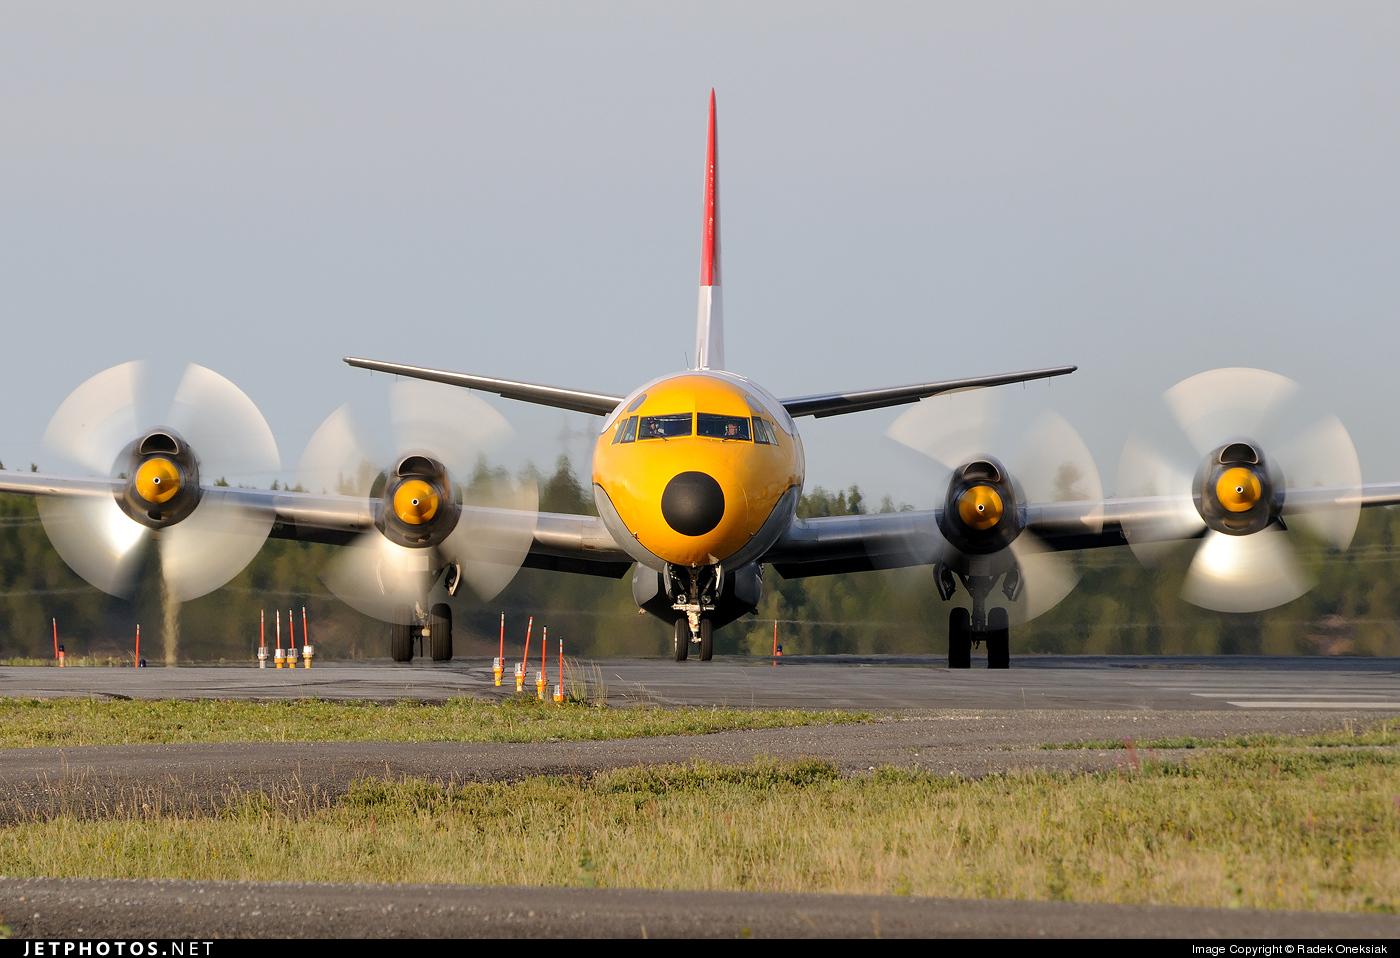 C-FDTH - Lockheed L-188A(F) Electra - Air Spray